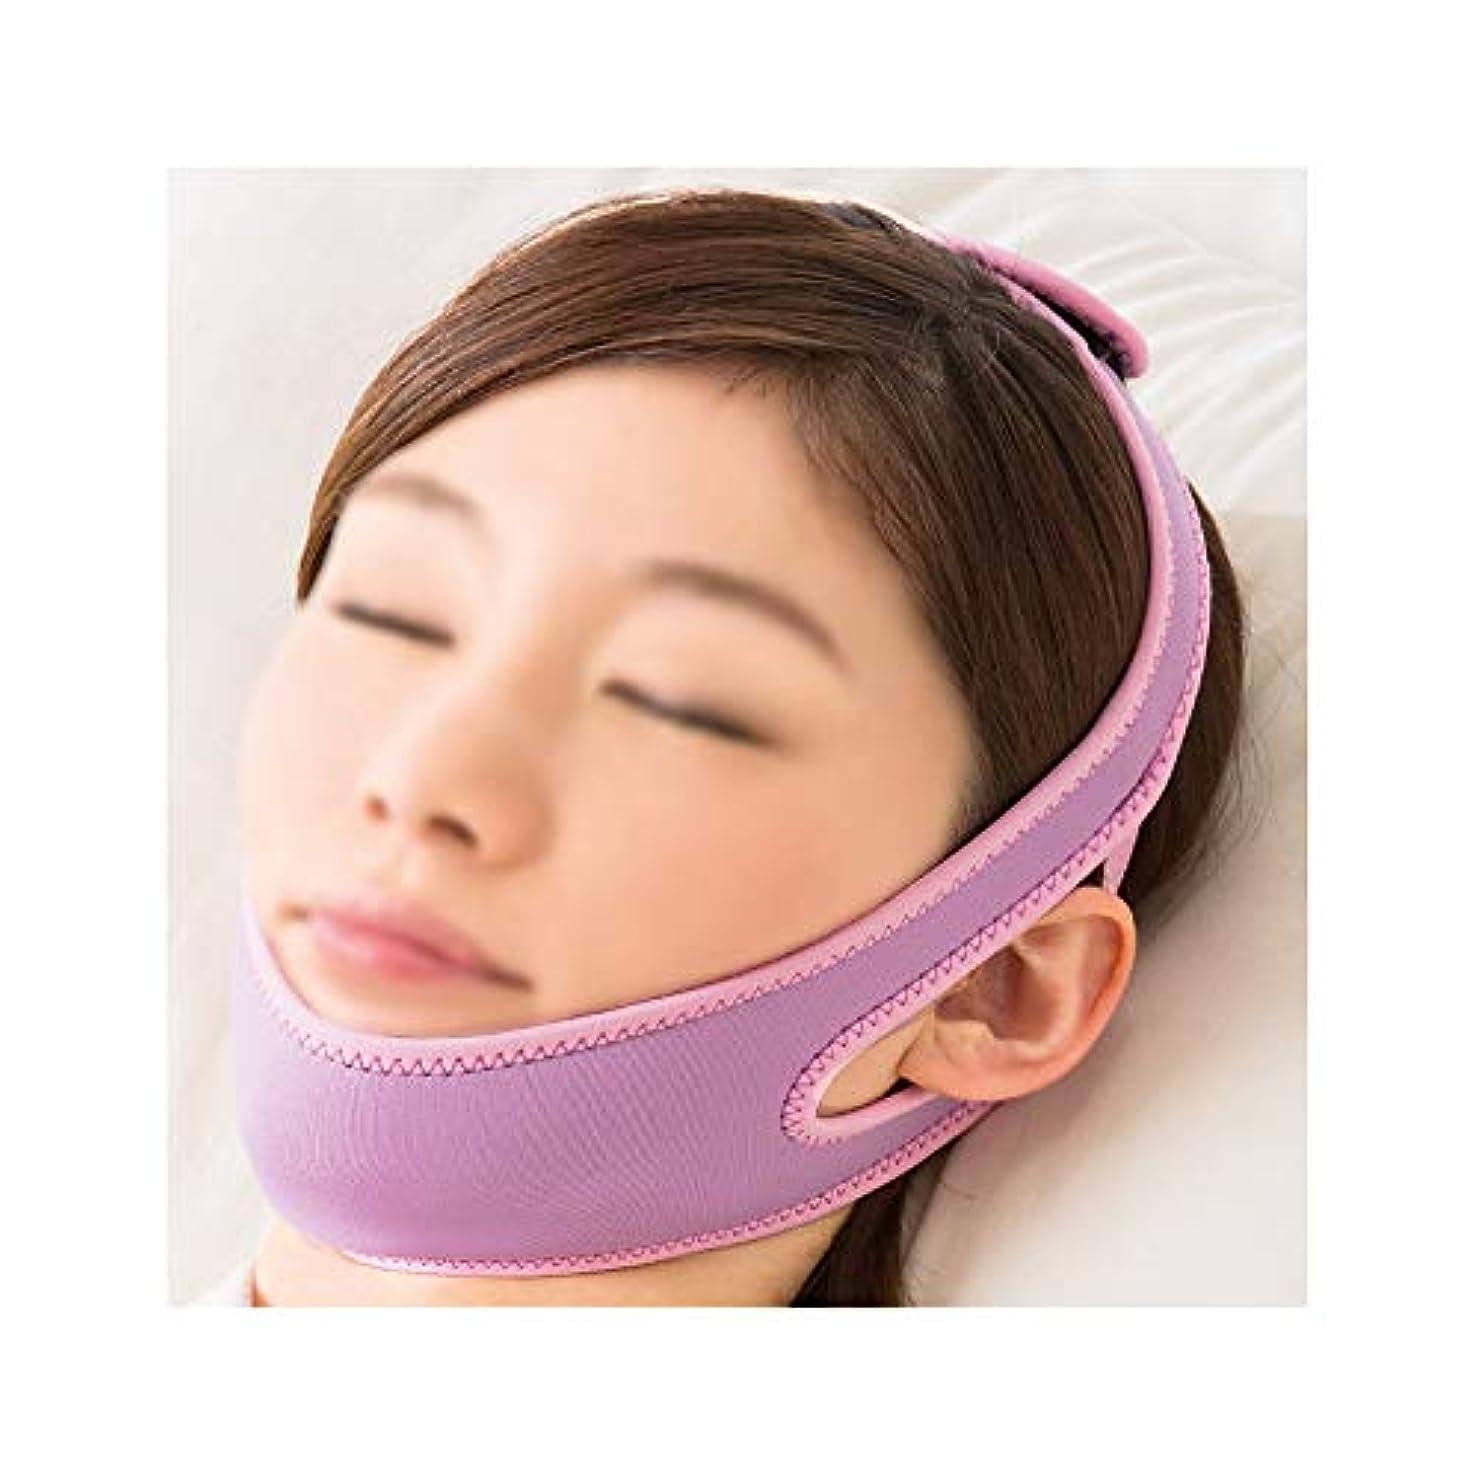 横に被るキャプテンフェイシャルマスク、フェイスリフティングアーティファクトフェイスマスク垂れ下がり面付きVフェイス包帯通気性スリーピングフェイスダブルチンチンセット睡眠弾性スリミングベルト